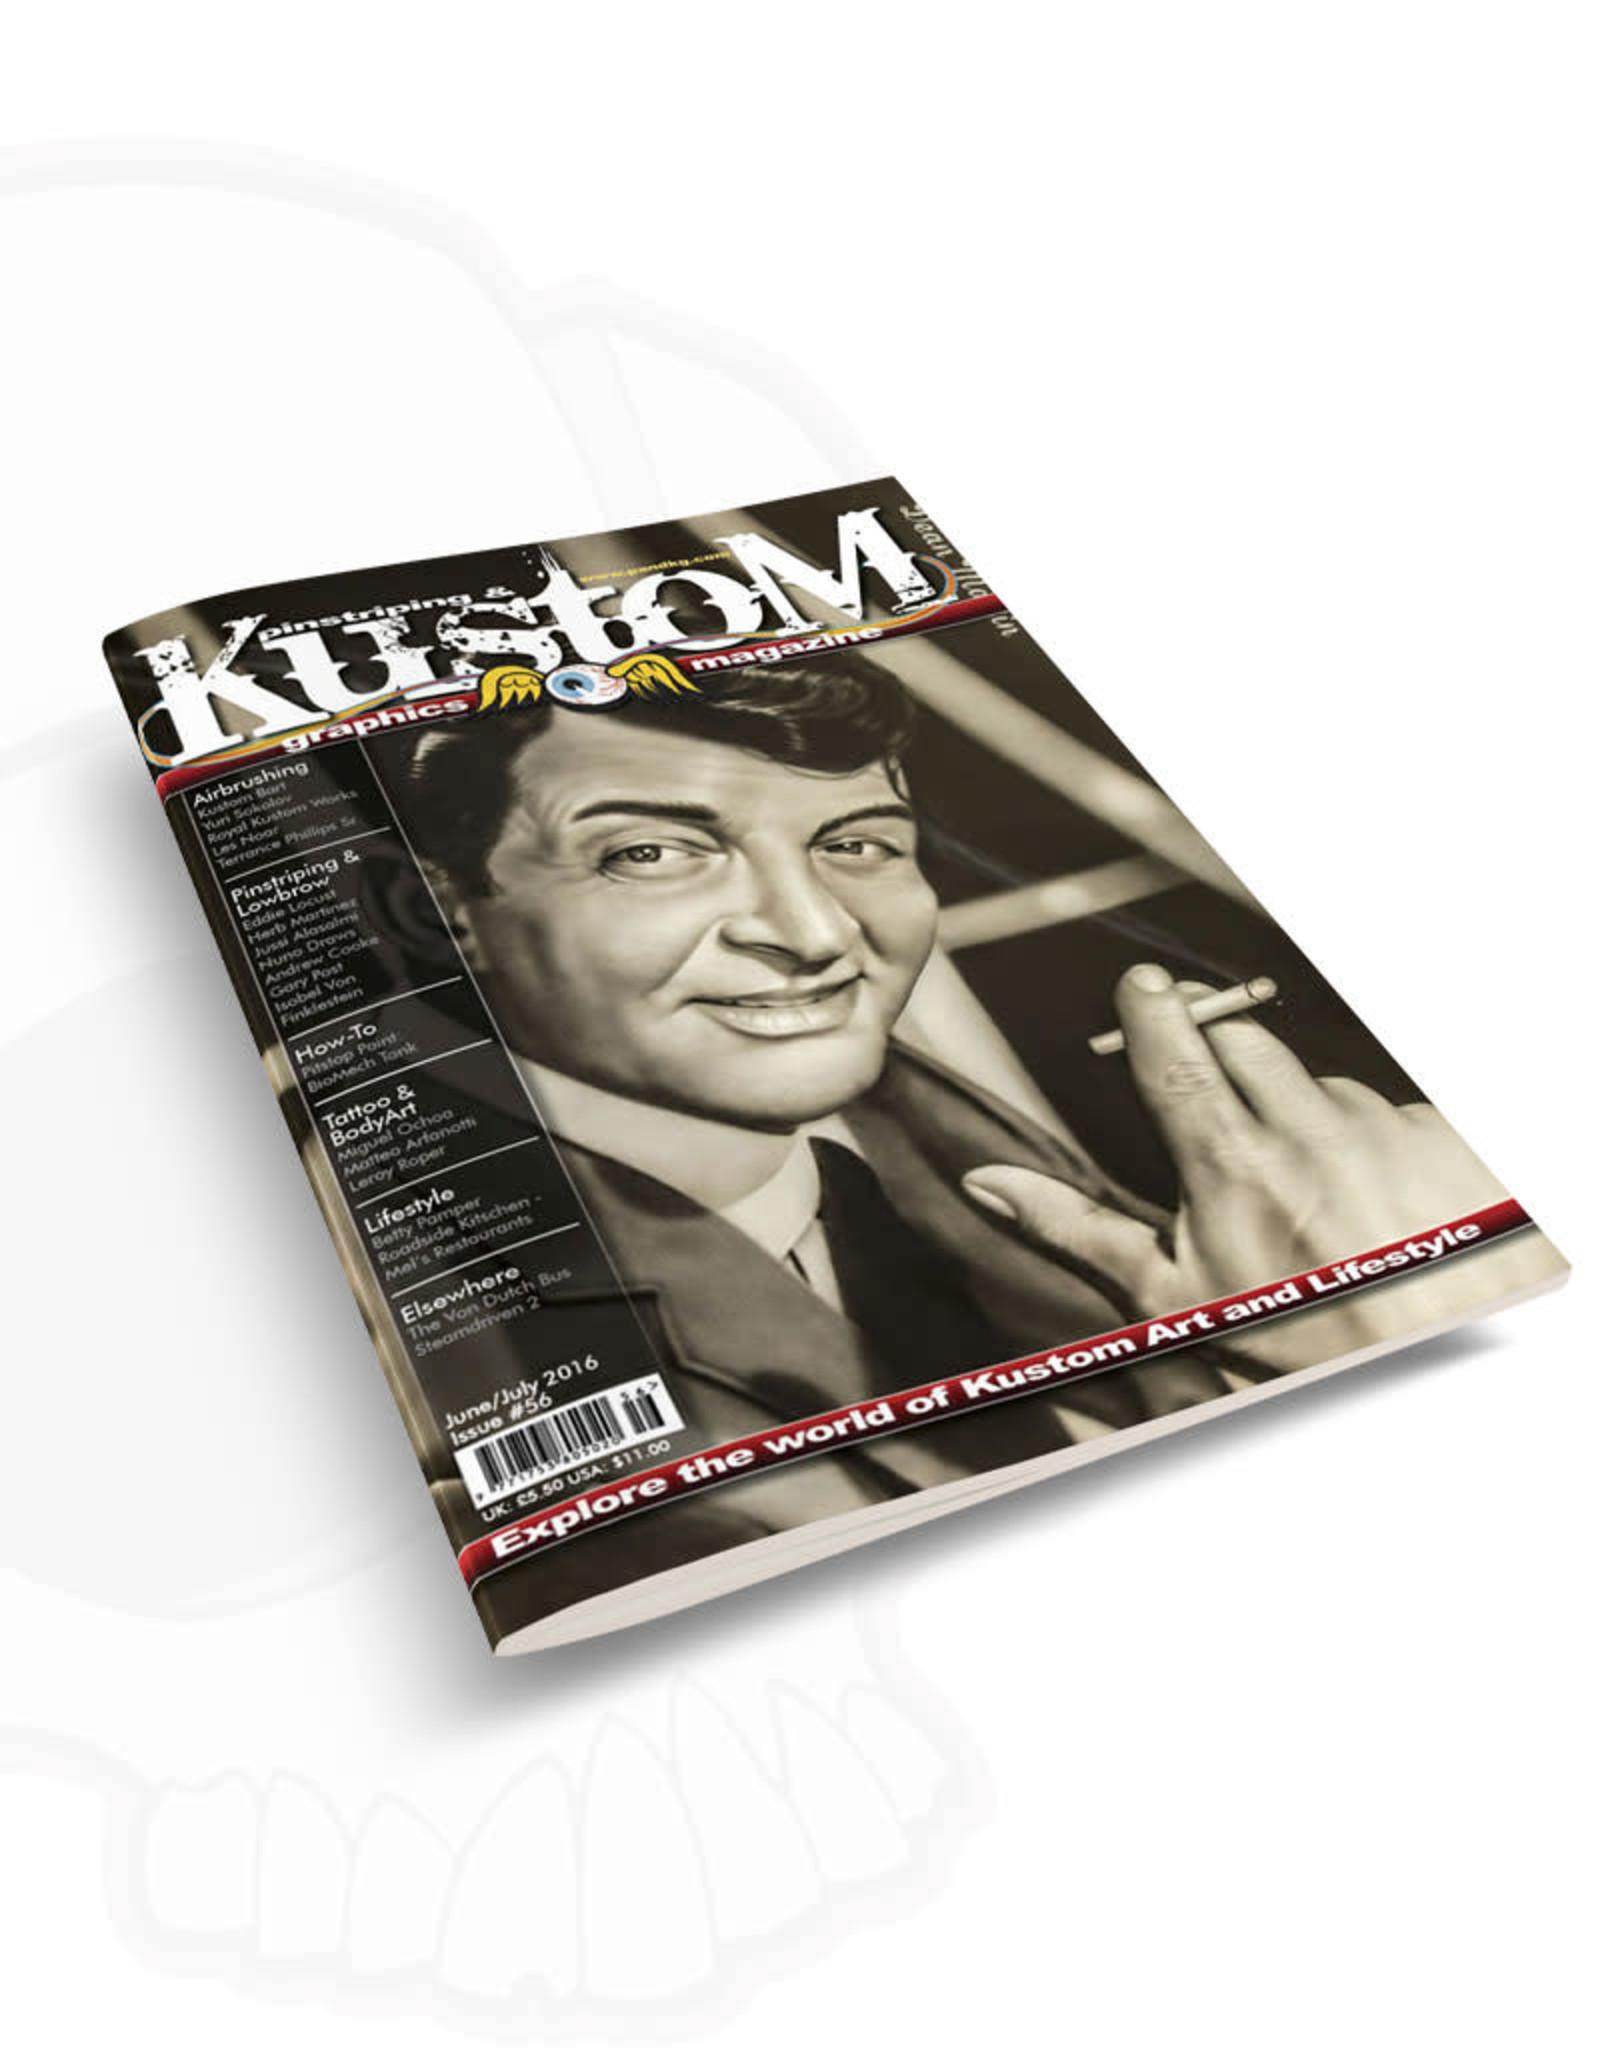 Pinstriping & Kustom Graphics magazine Pinstriping & Kustom graphics magazine #56